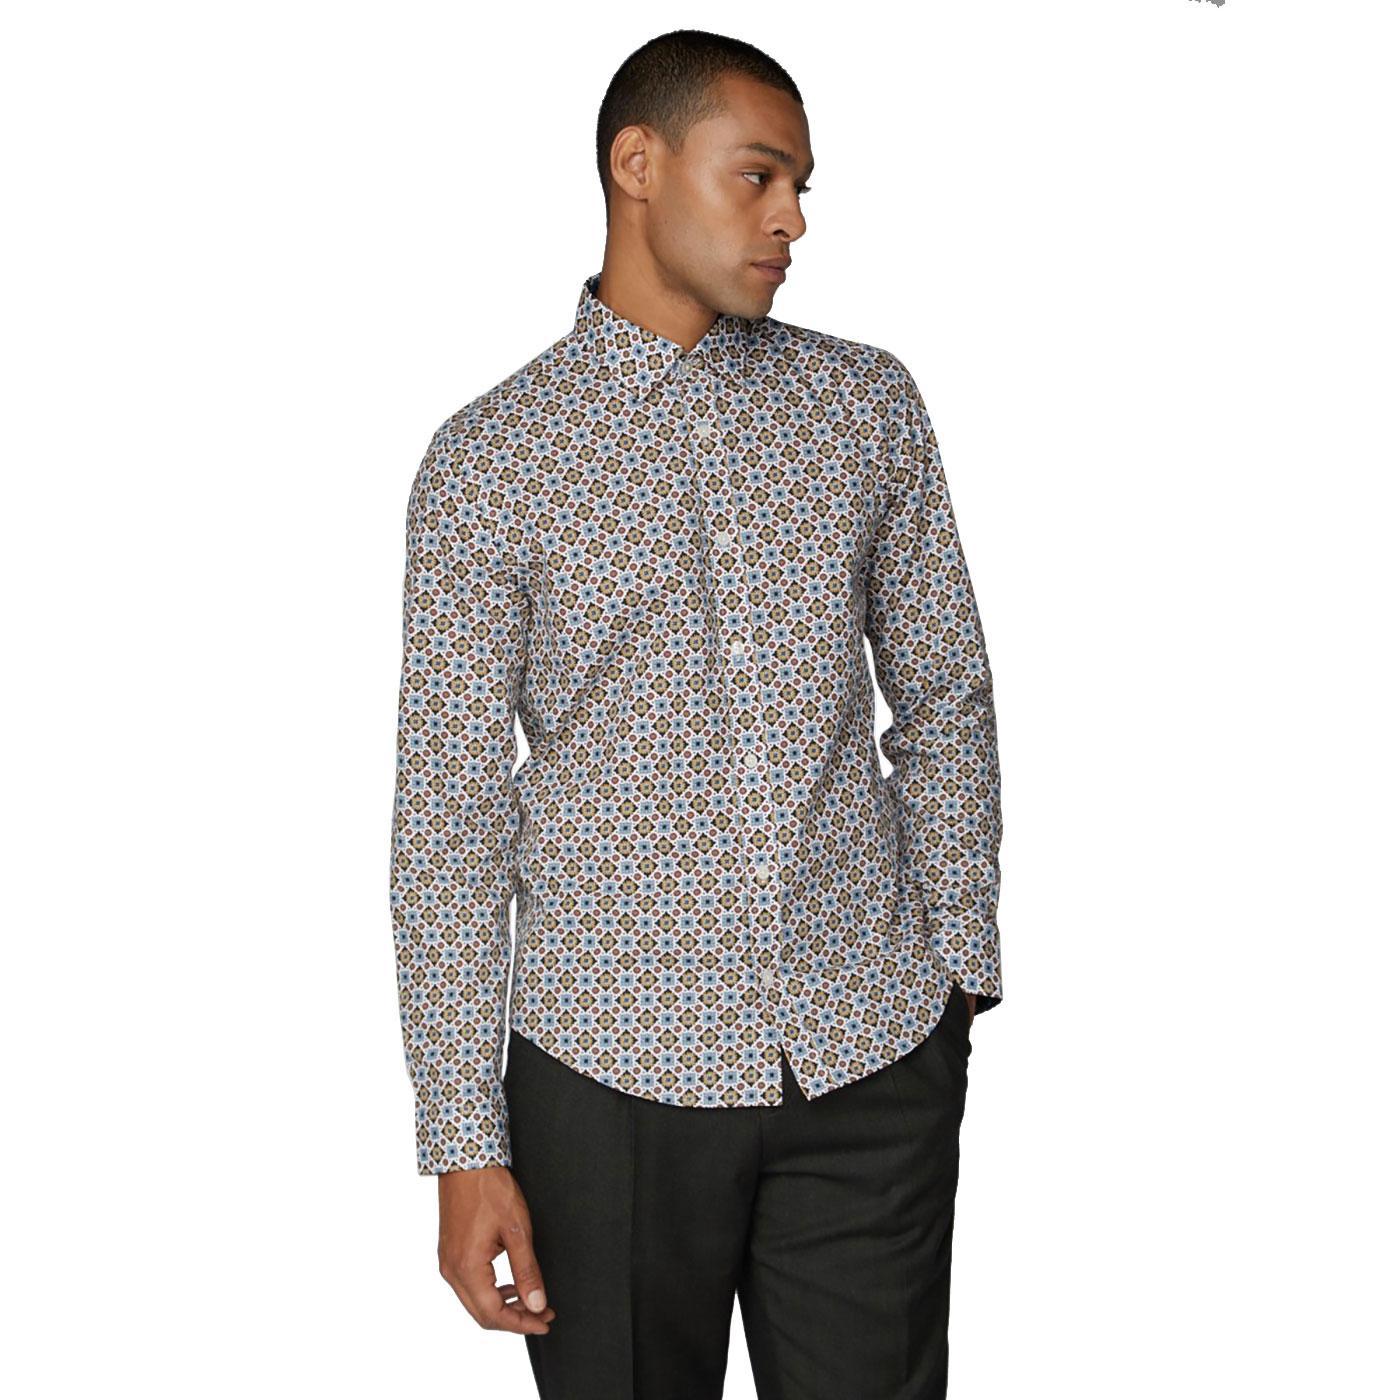 BEN SHERMAN Retro Mod Foulard Floral Print Shirt M